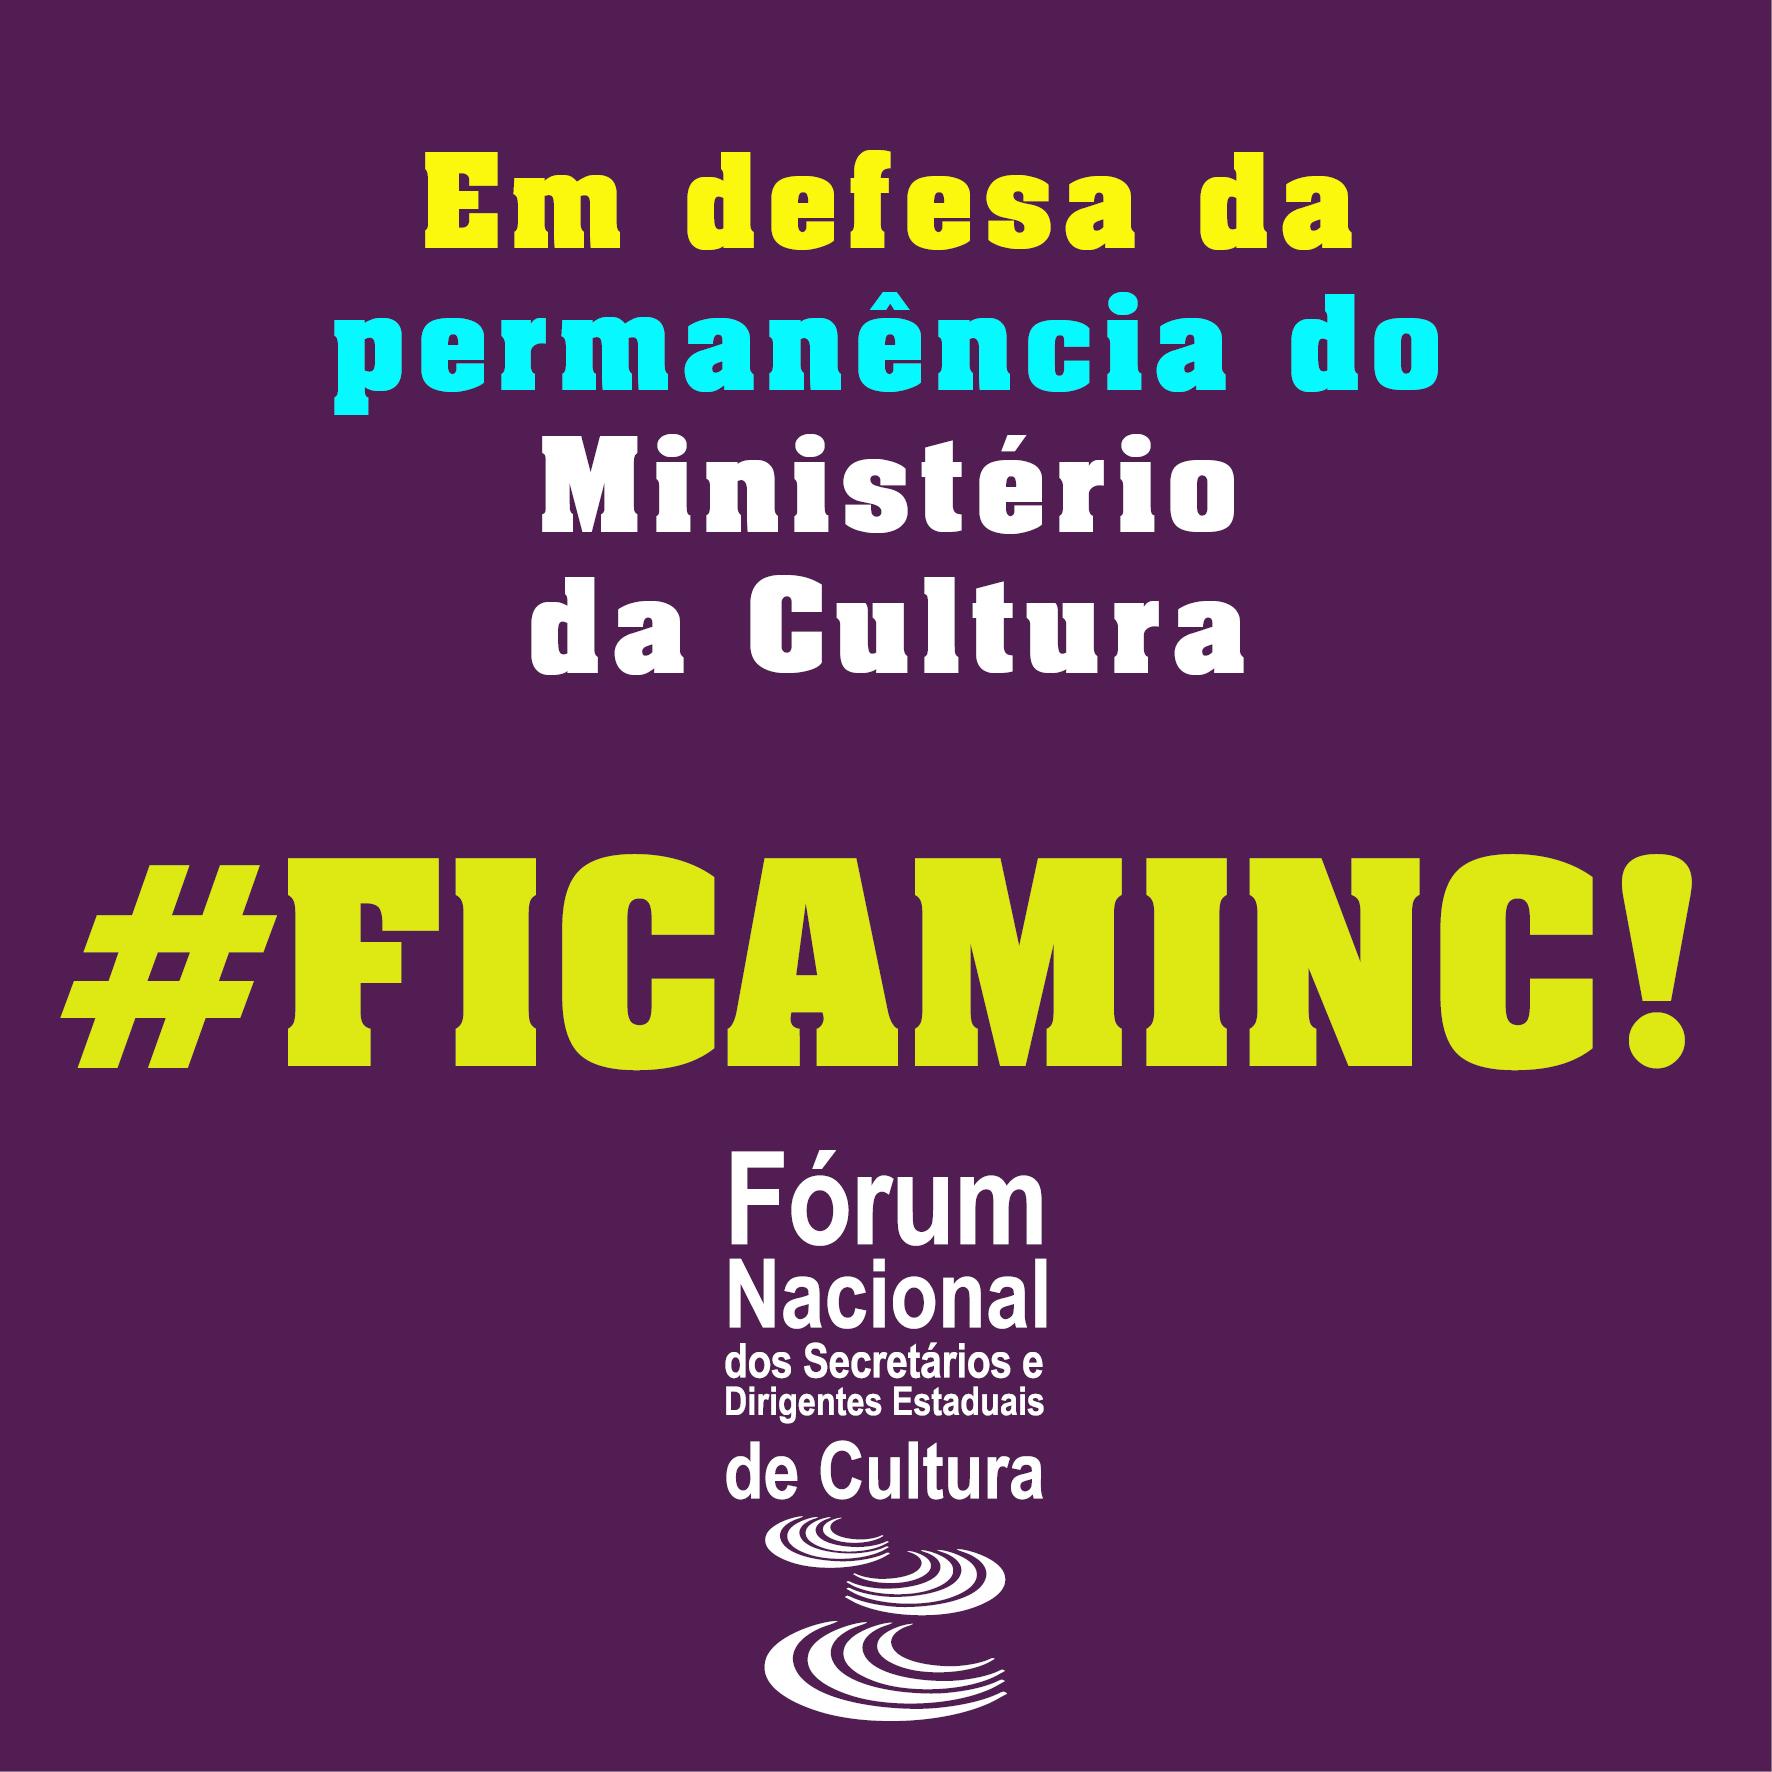 """Fórum Nacional dos Secretários de Cultura dos Estados lança Carta """"Fica, MinC!"""""""